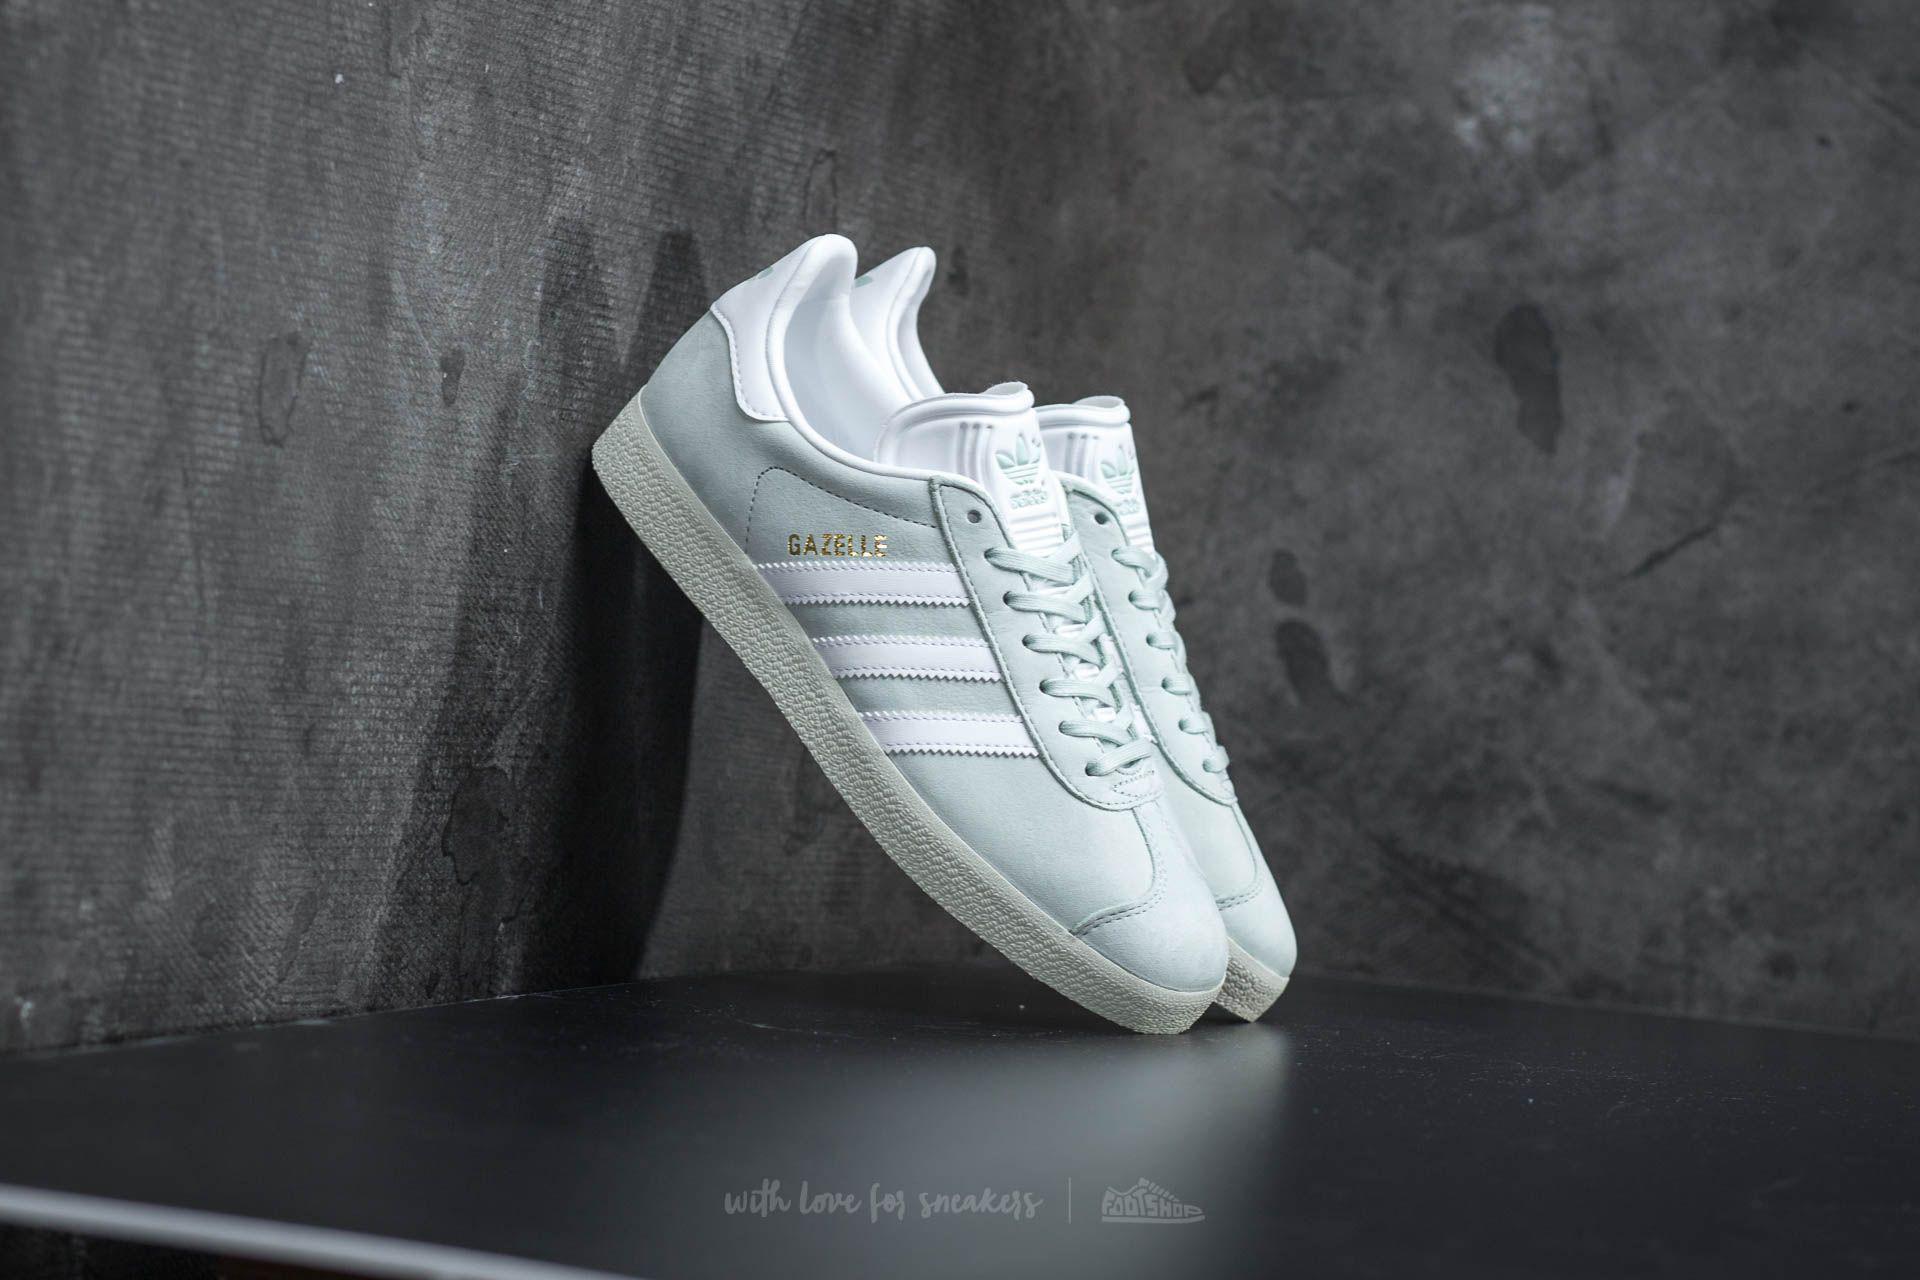 Lyst adidas originali adidas gazzella w lino verde / ftw bianco